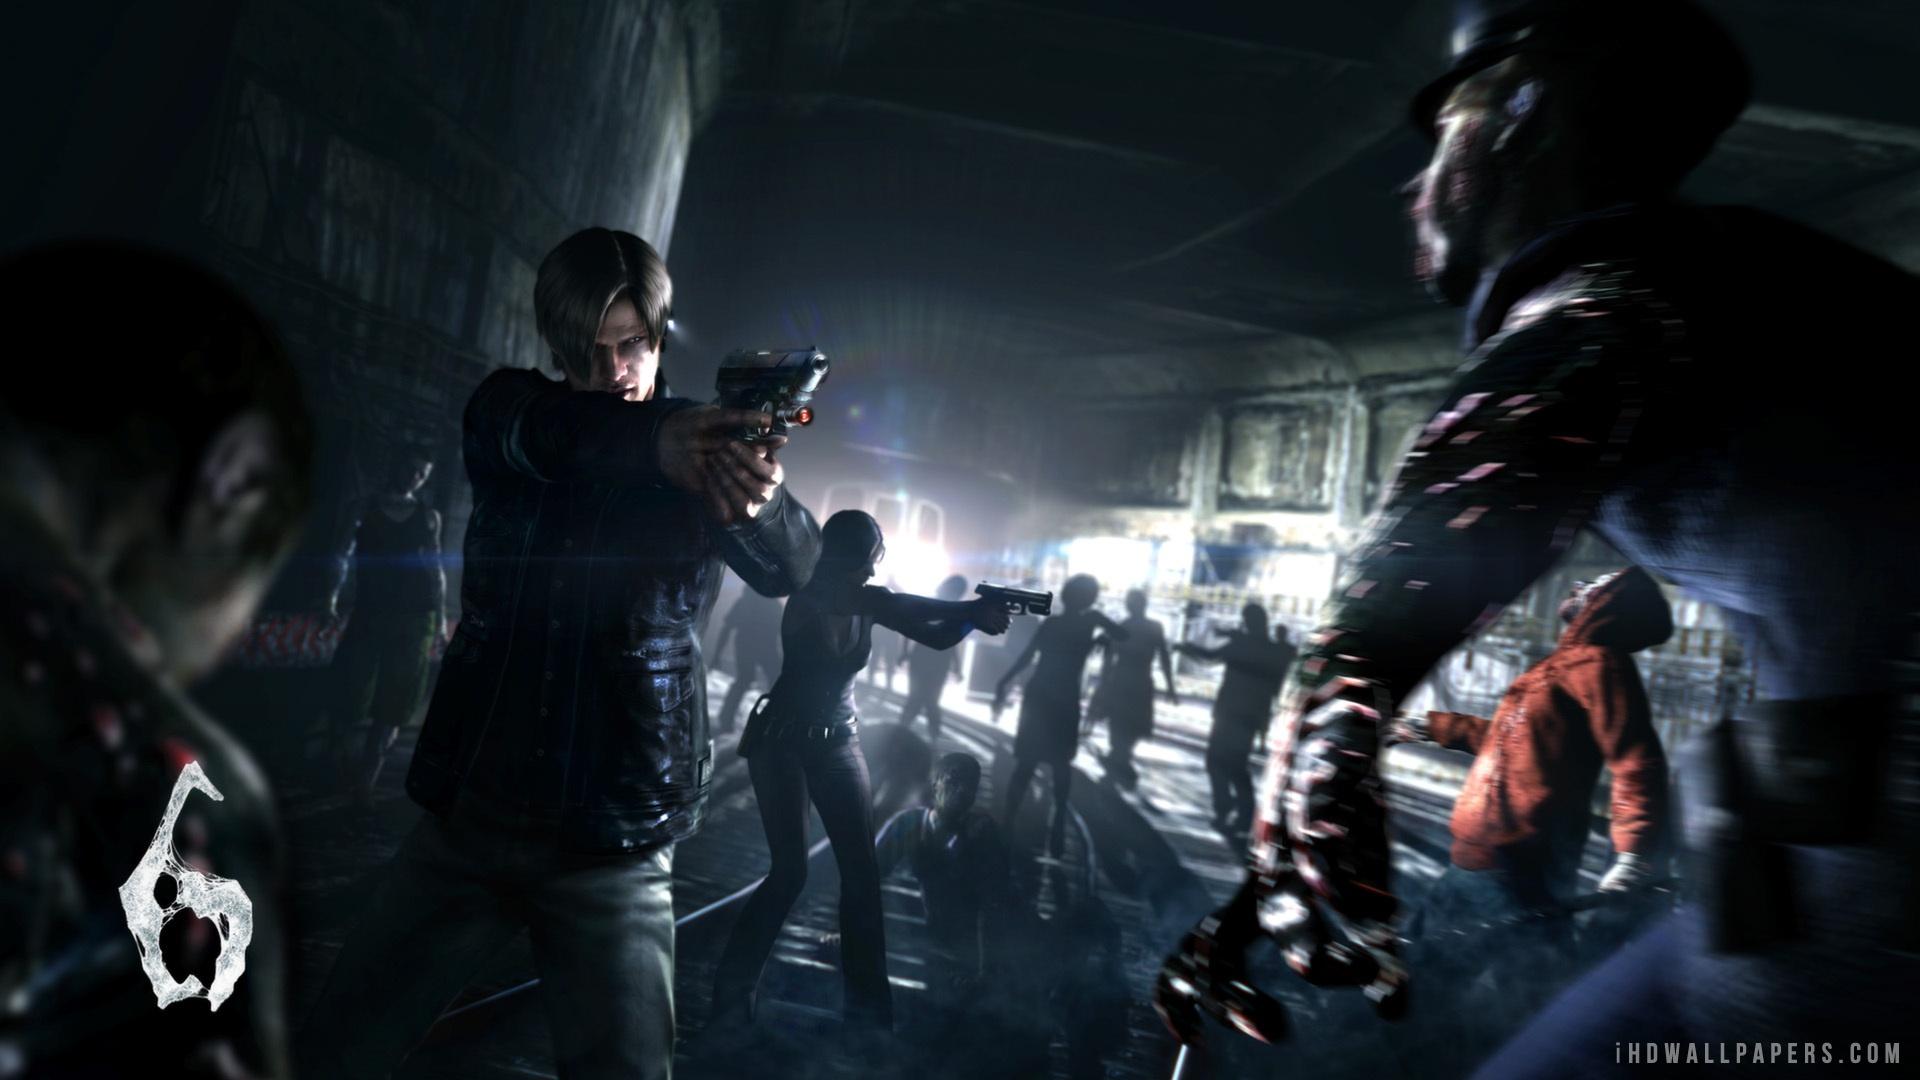 50+] Resident Evil 6 Wallpaper on WallpaperSafari